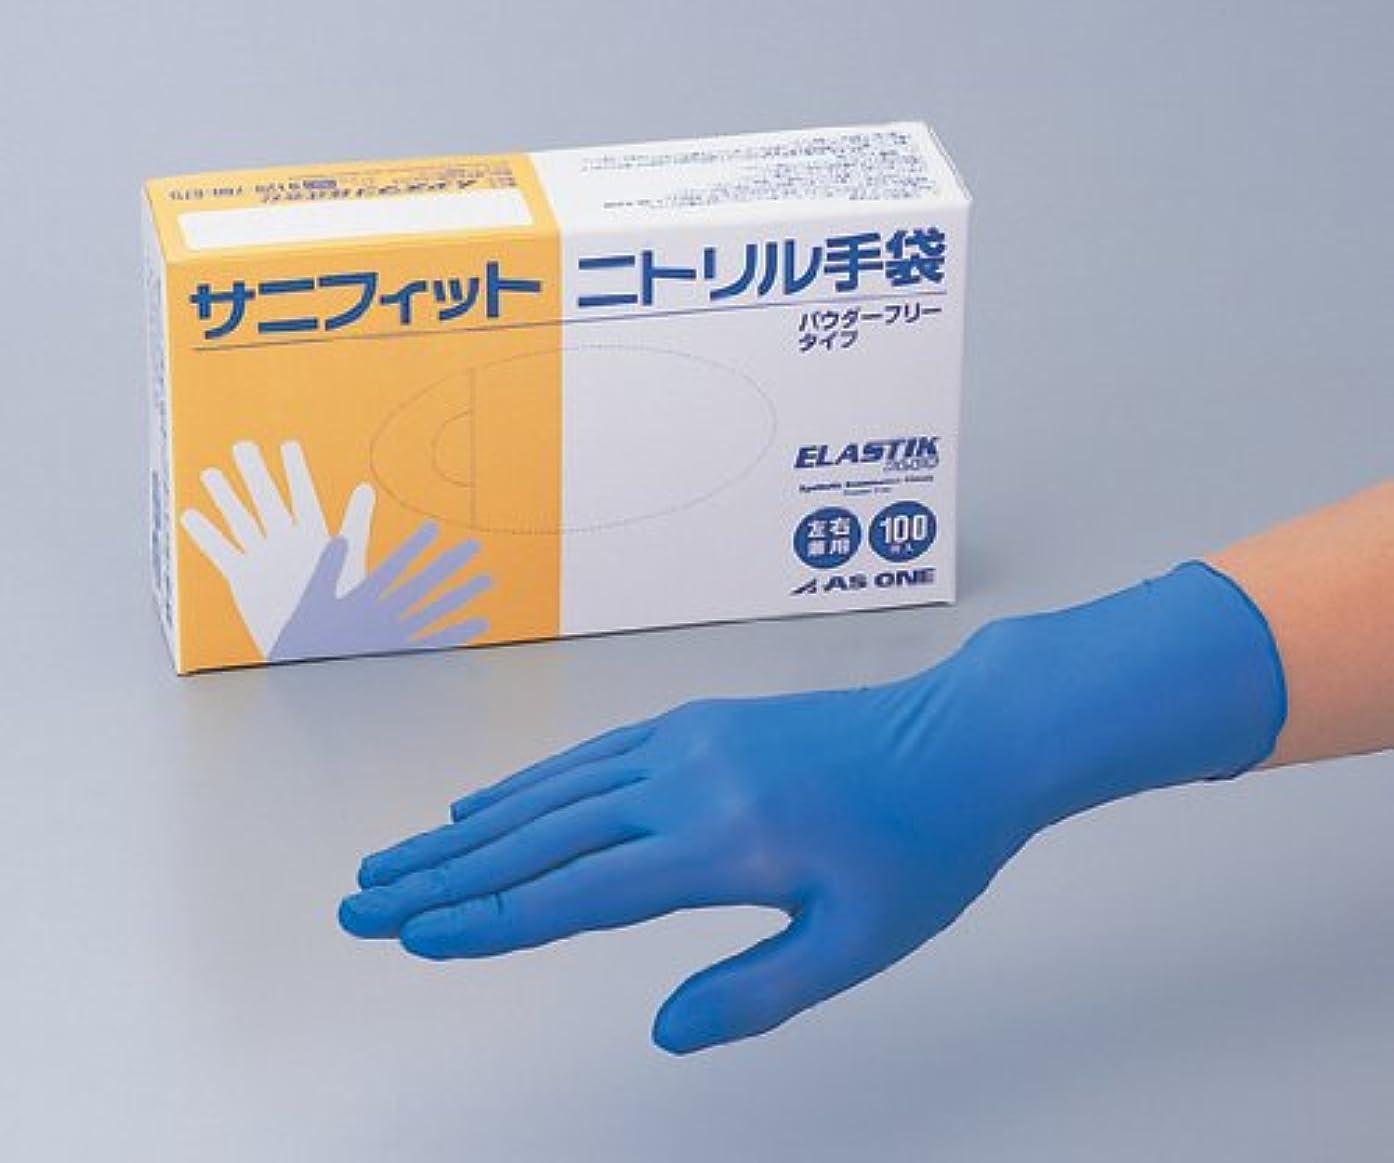 原油カレッジキャメルアズワン1-4714-11サニフィットニトリル手袋(パウダーフリー)濃青L100枚入